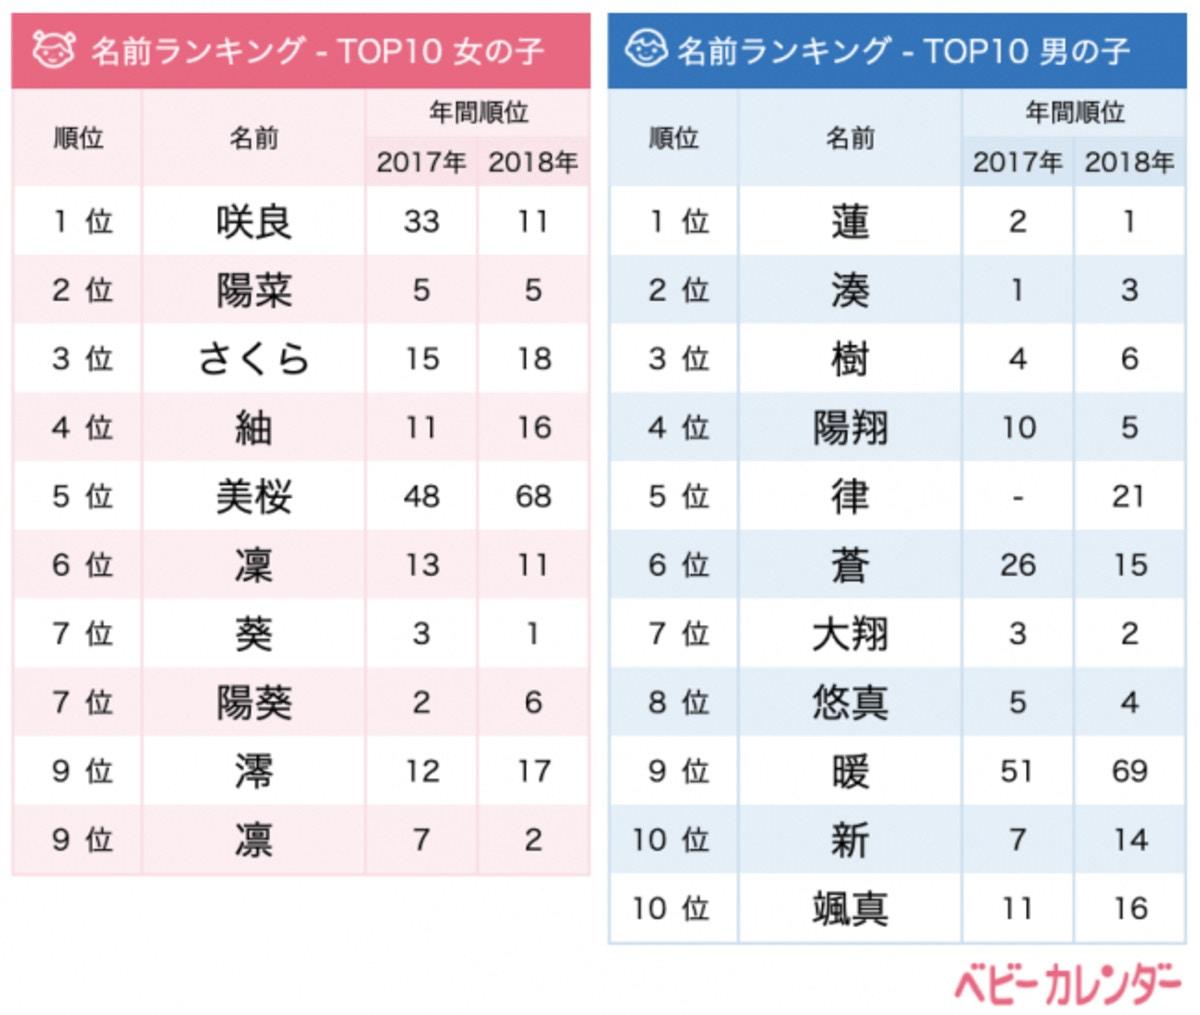 2019年4月名前TOP10